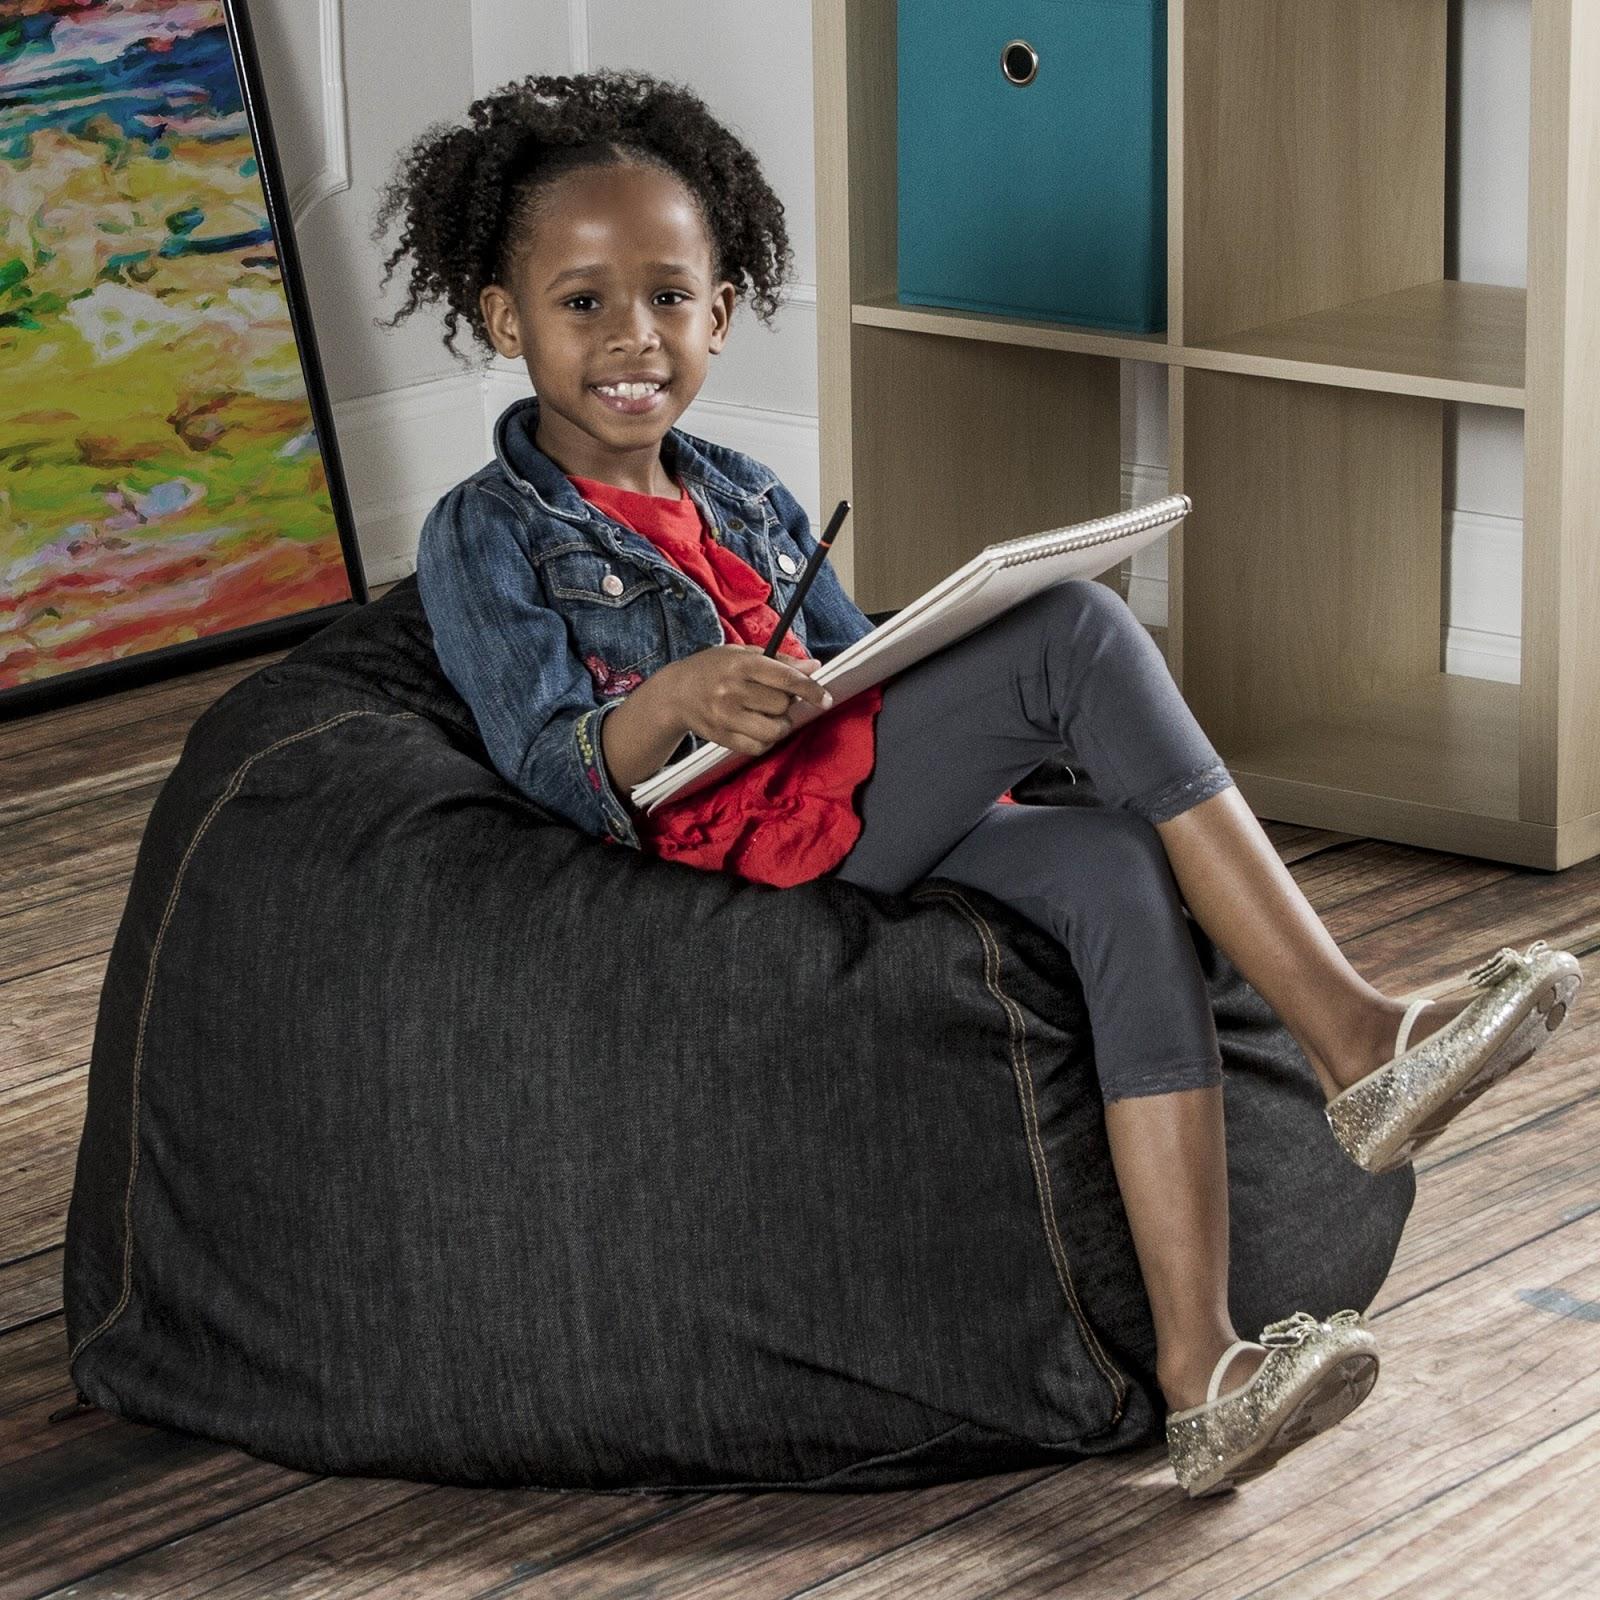 Black child sitting in chair - Jaxx Kid Club Junior The Ideal Bean Bag Chair For Kids